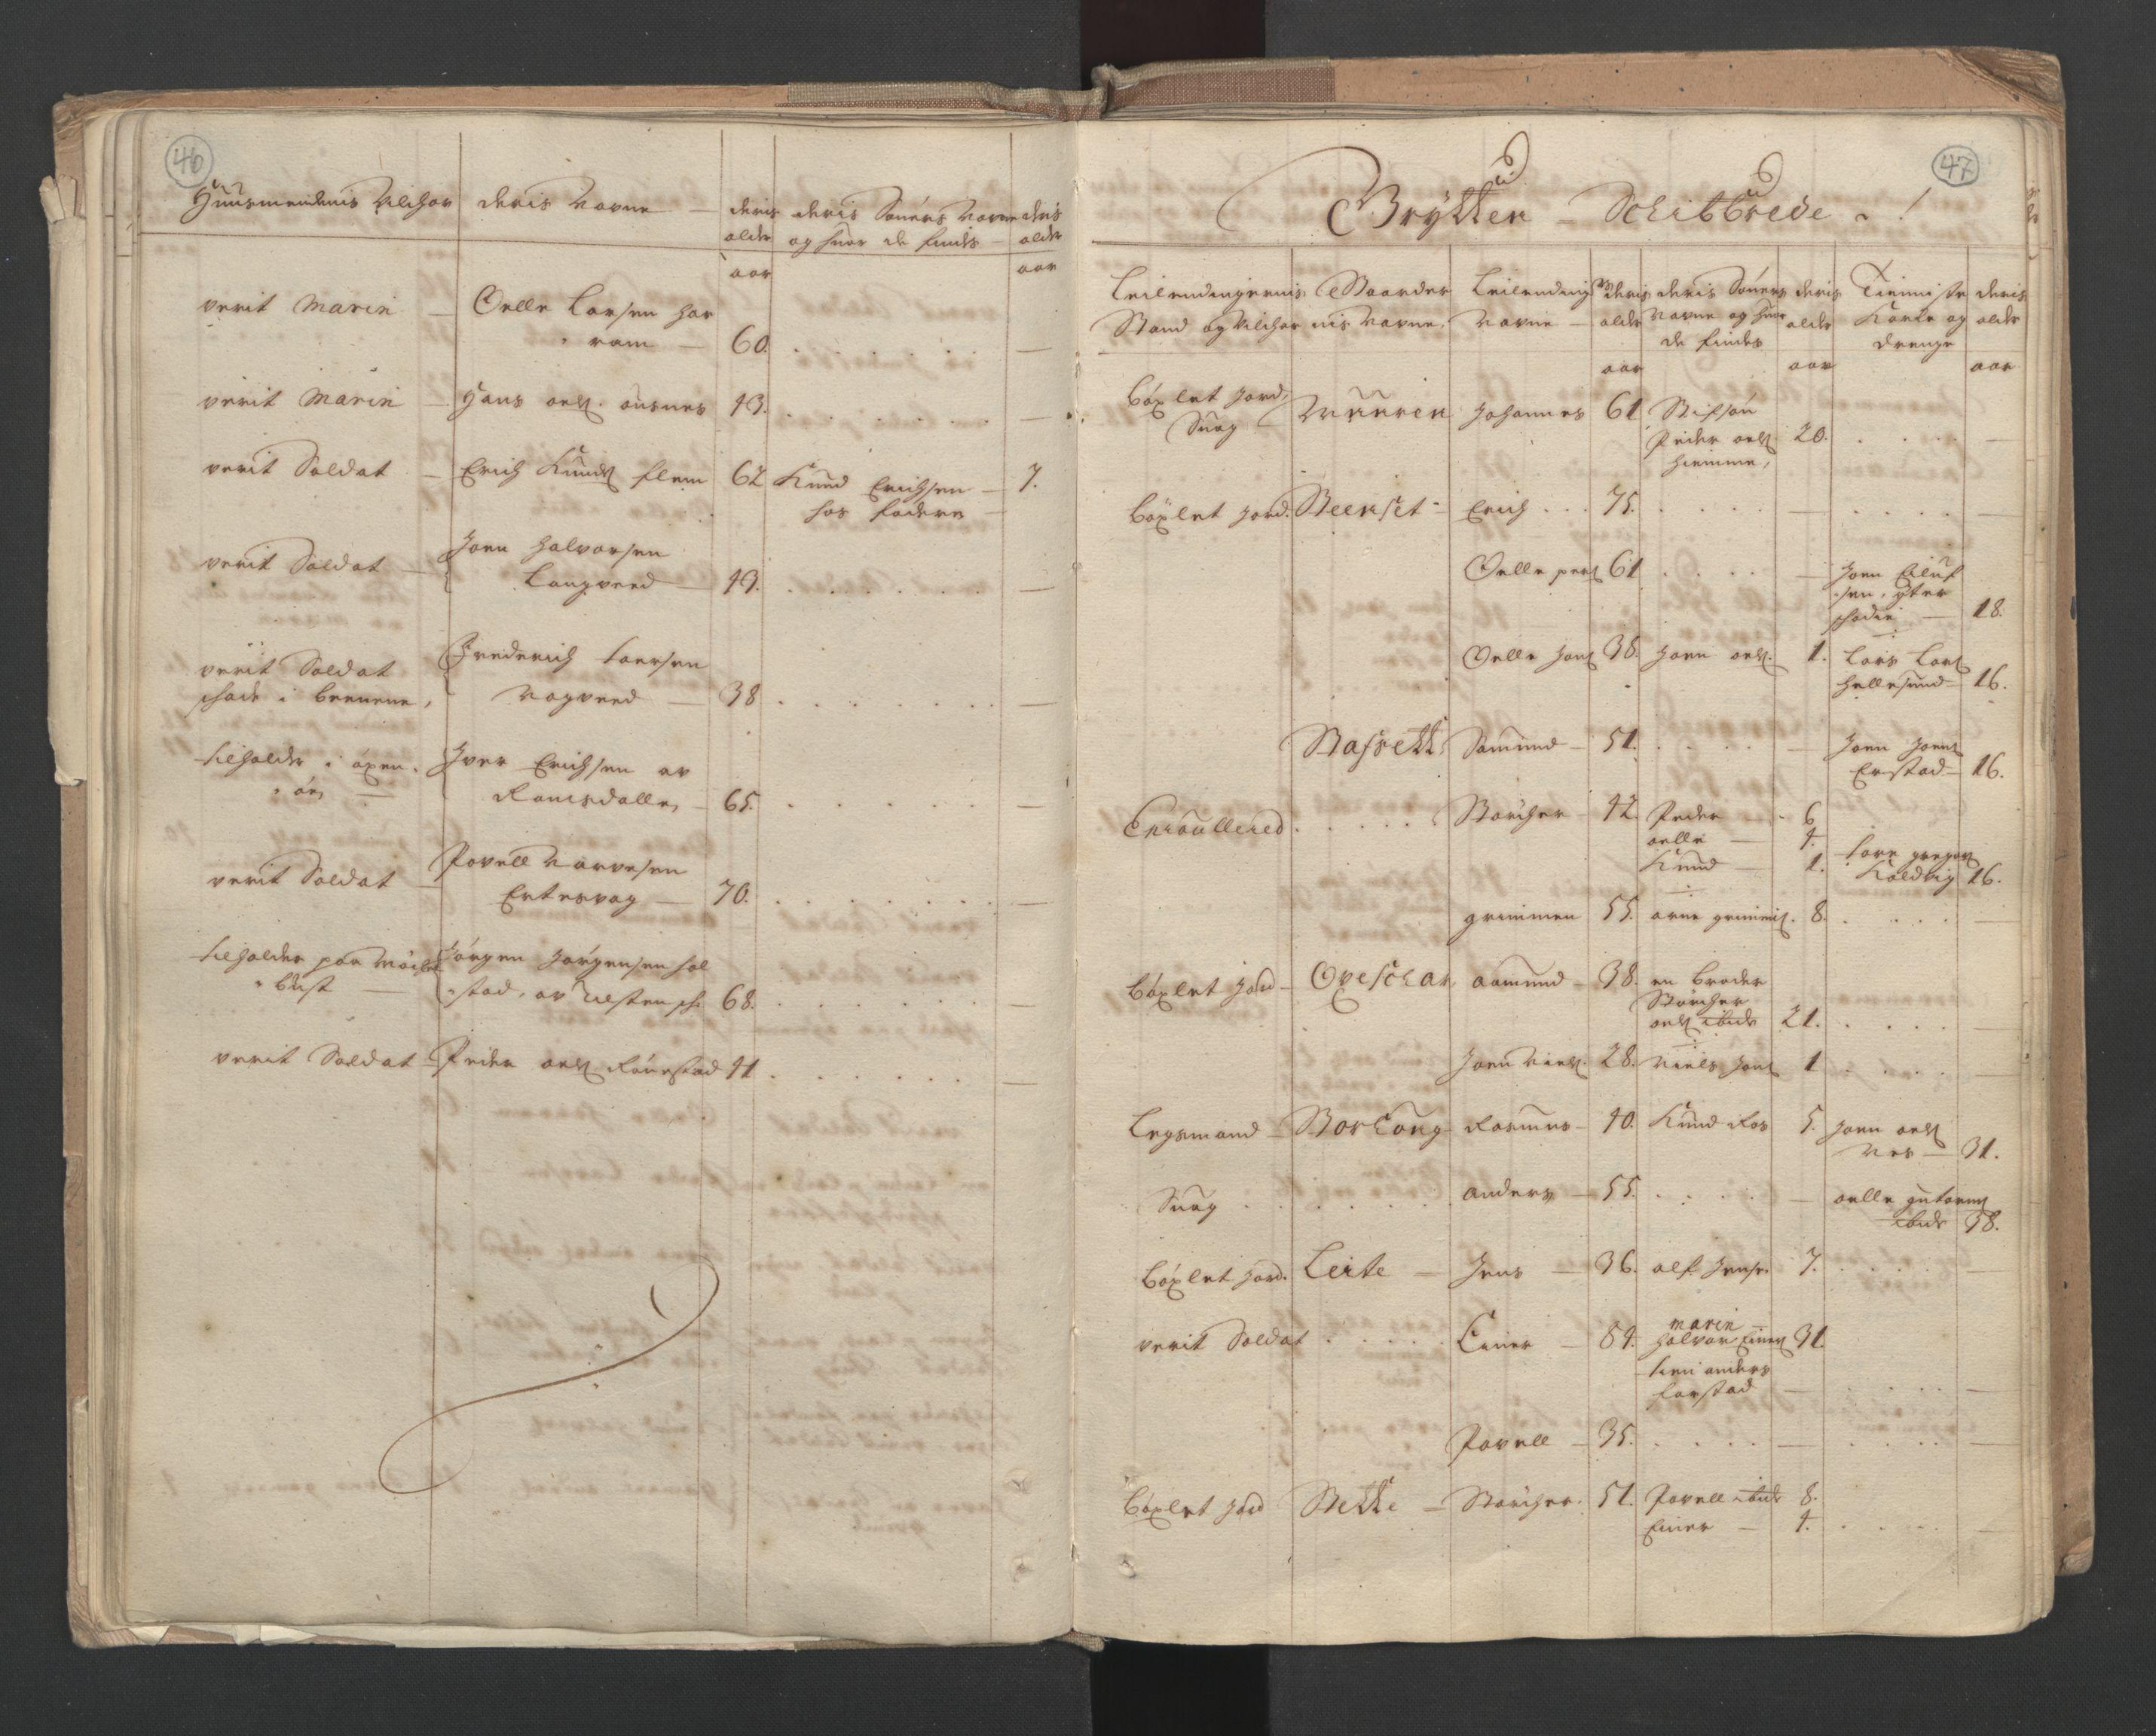 RA, Manntallet 1701, nr. 10: Sunnmøre fogderi, 1701, s. 46-47